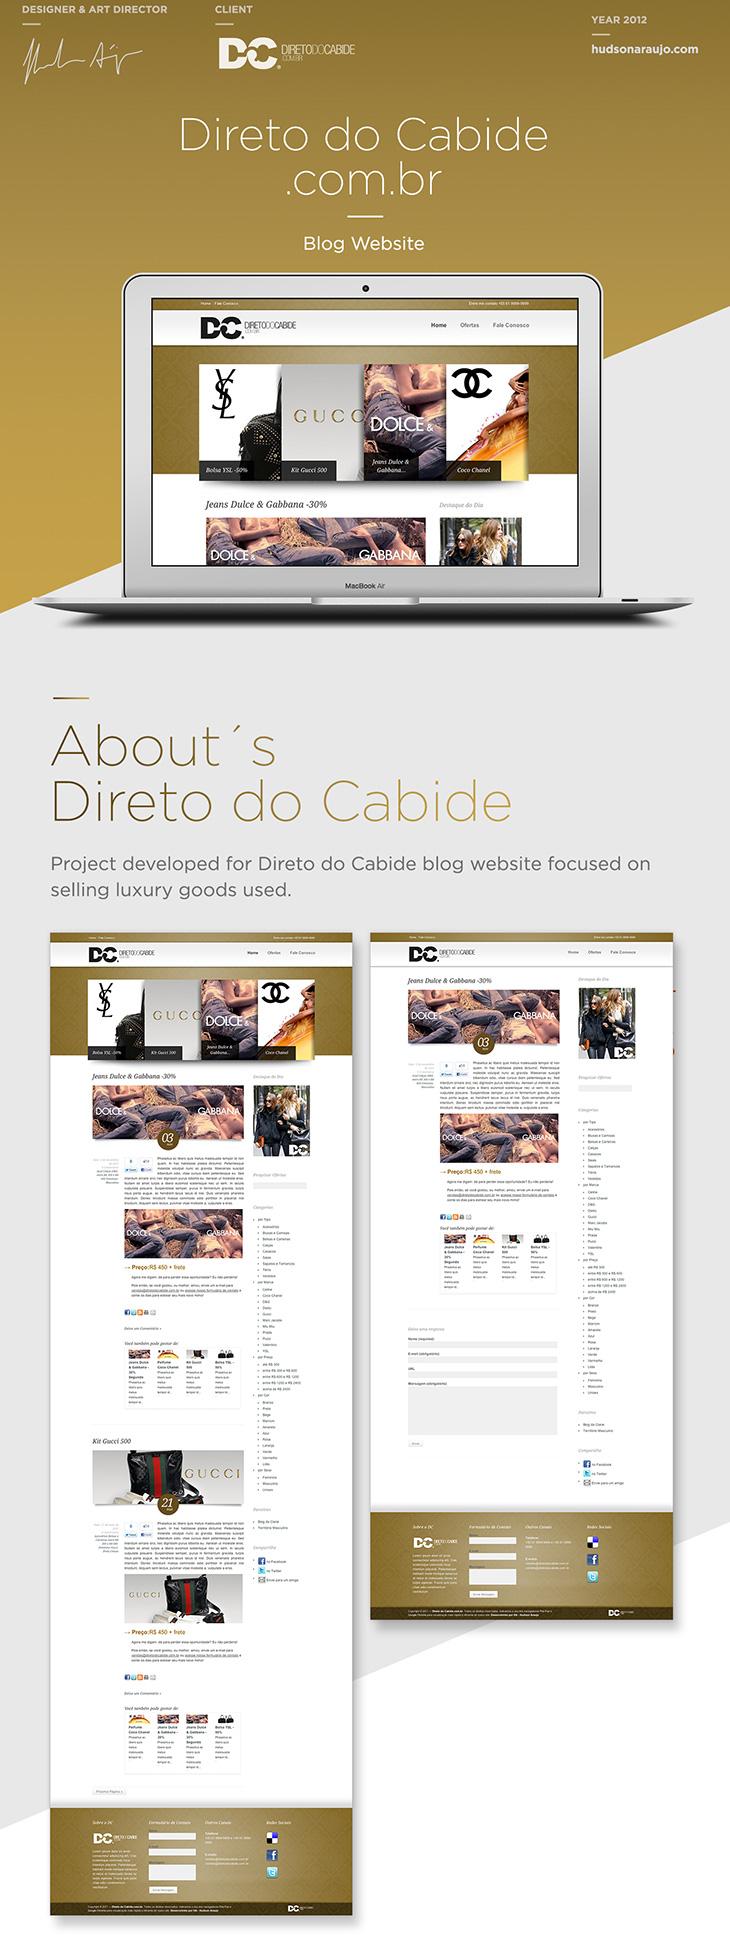 Direto do Cabide Blog Hudson Araujo